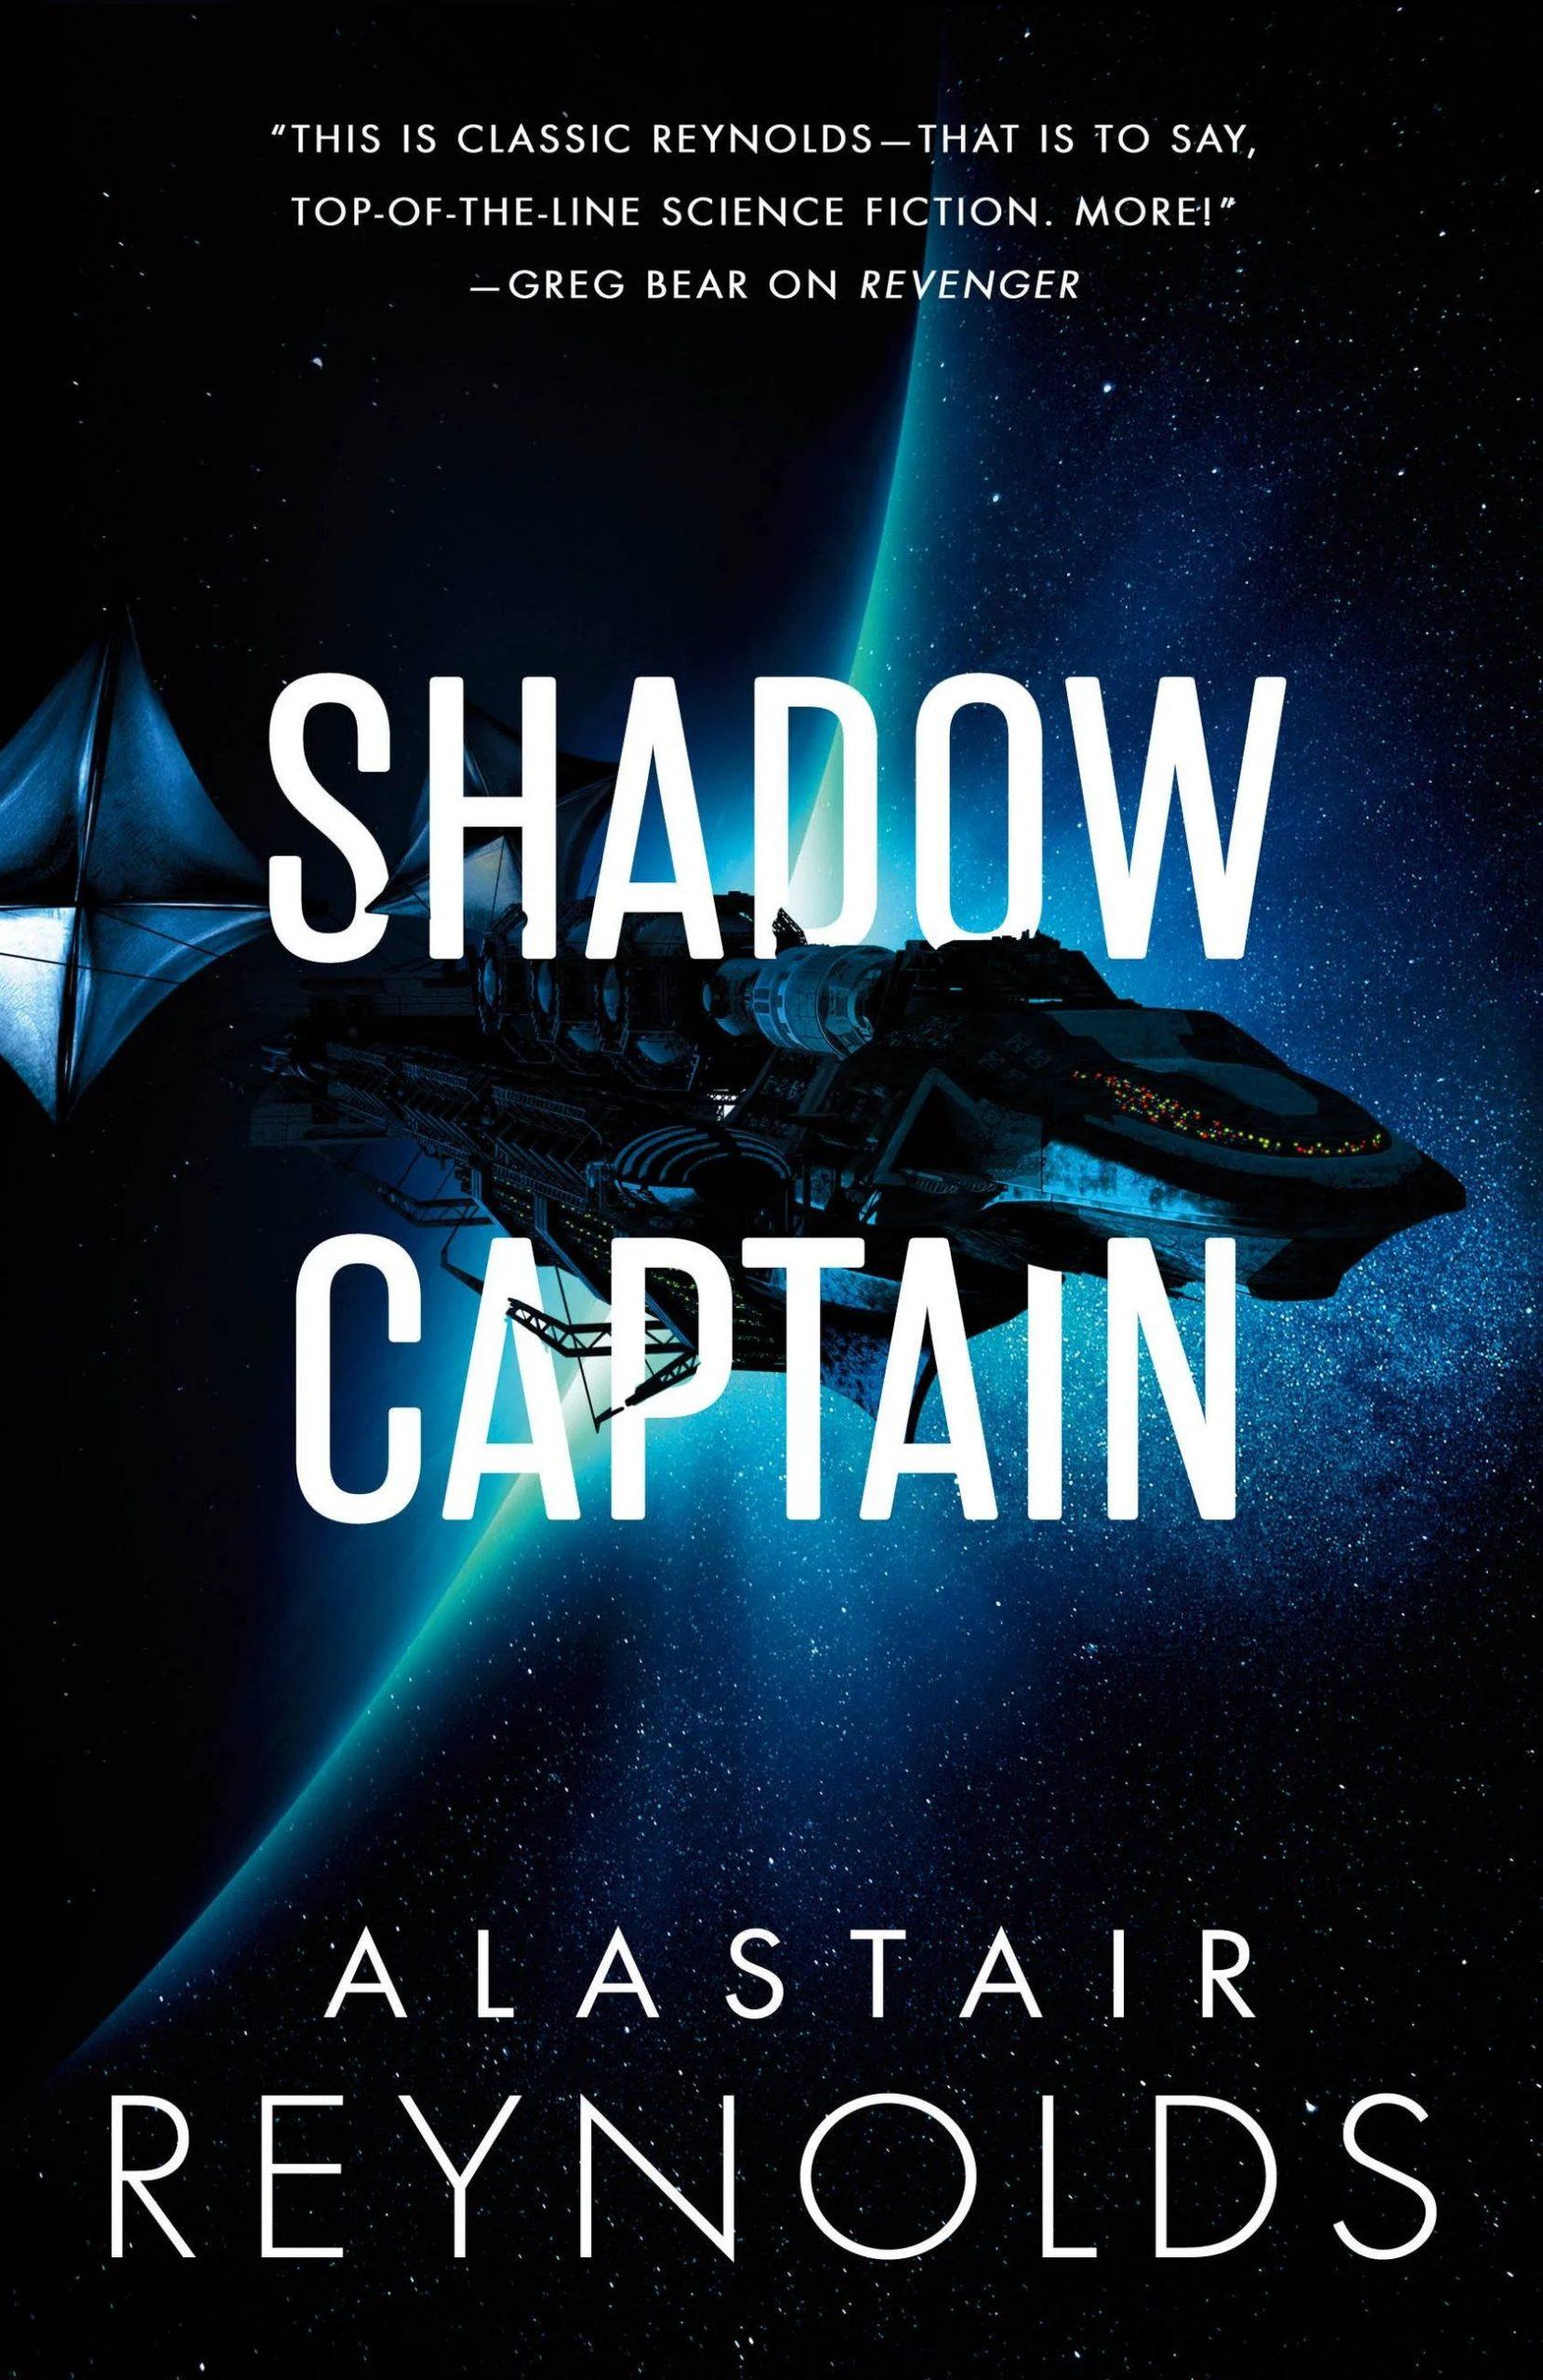 Читаем космическую оперу Аластера Рейнольдса «Чёрные паруса» — продолжение «Мстительницы» 2